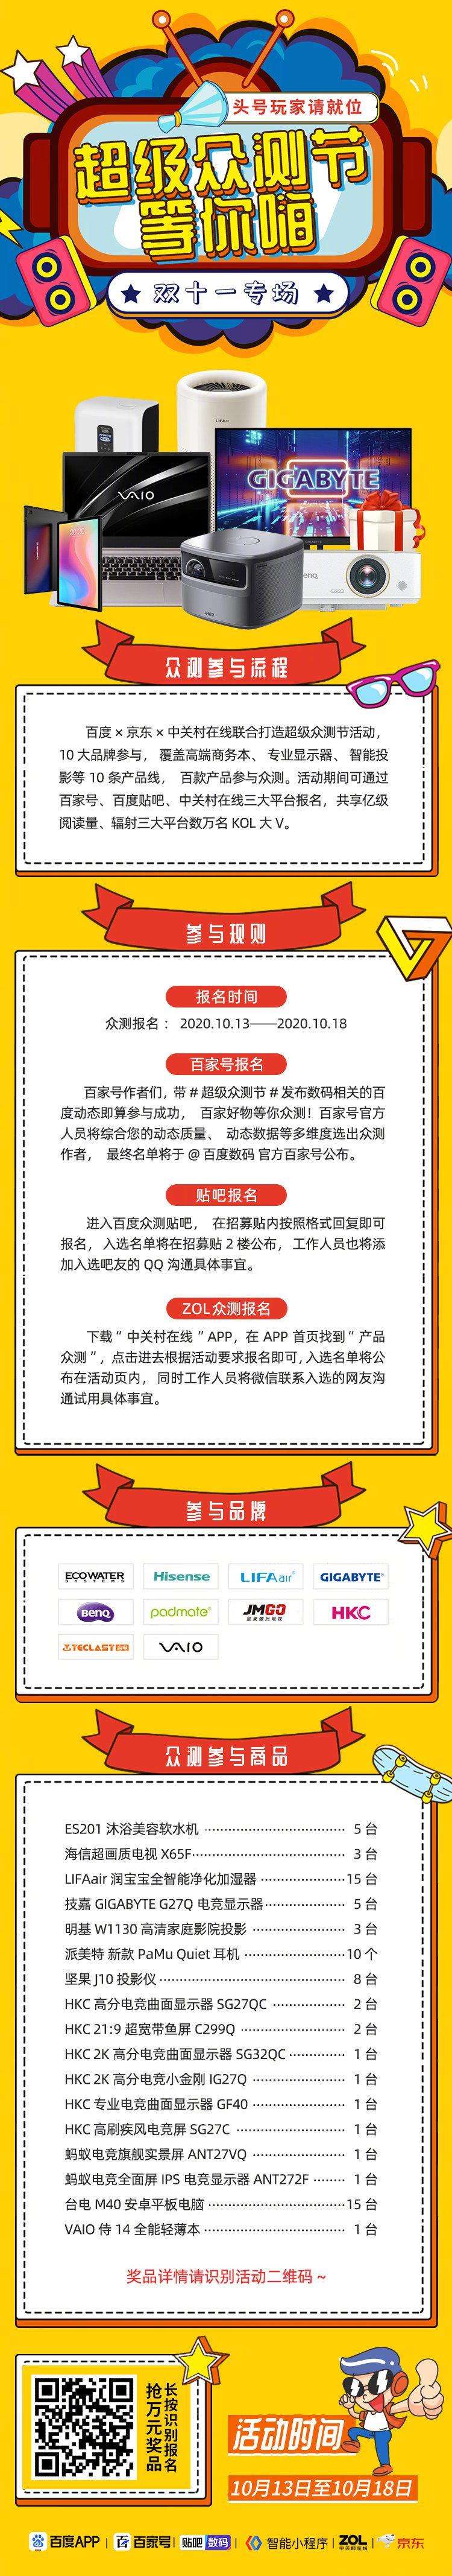 百度×京东×中关村在线联合打造超级众测节活动……